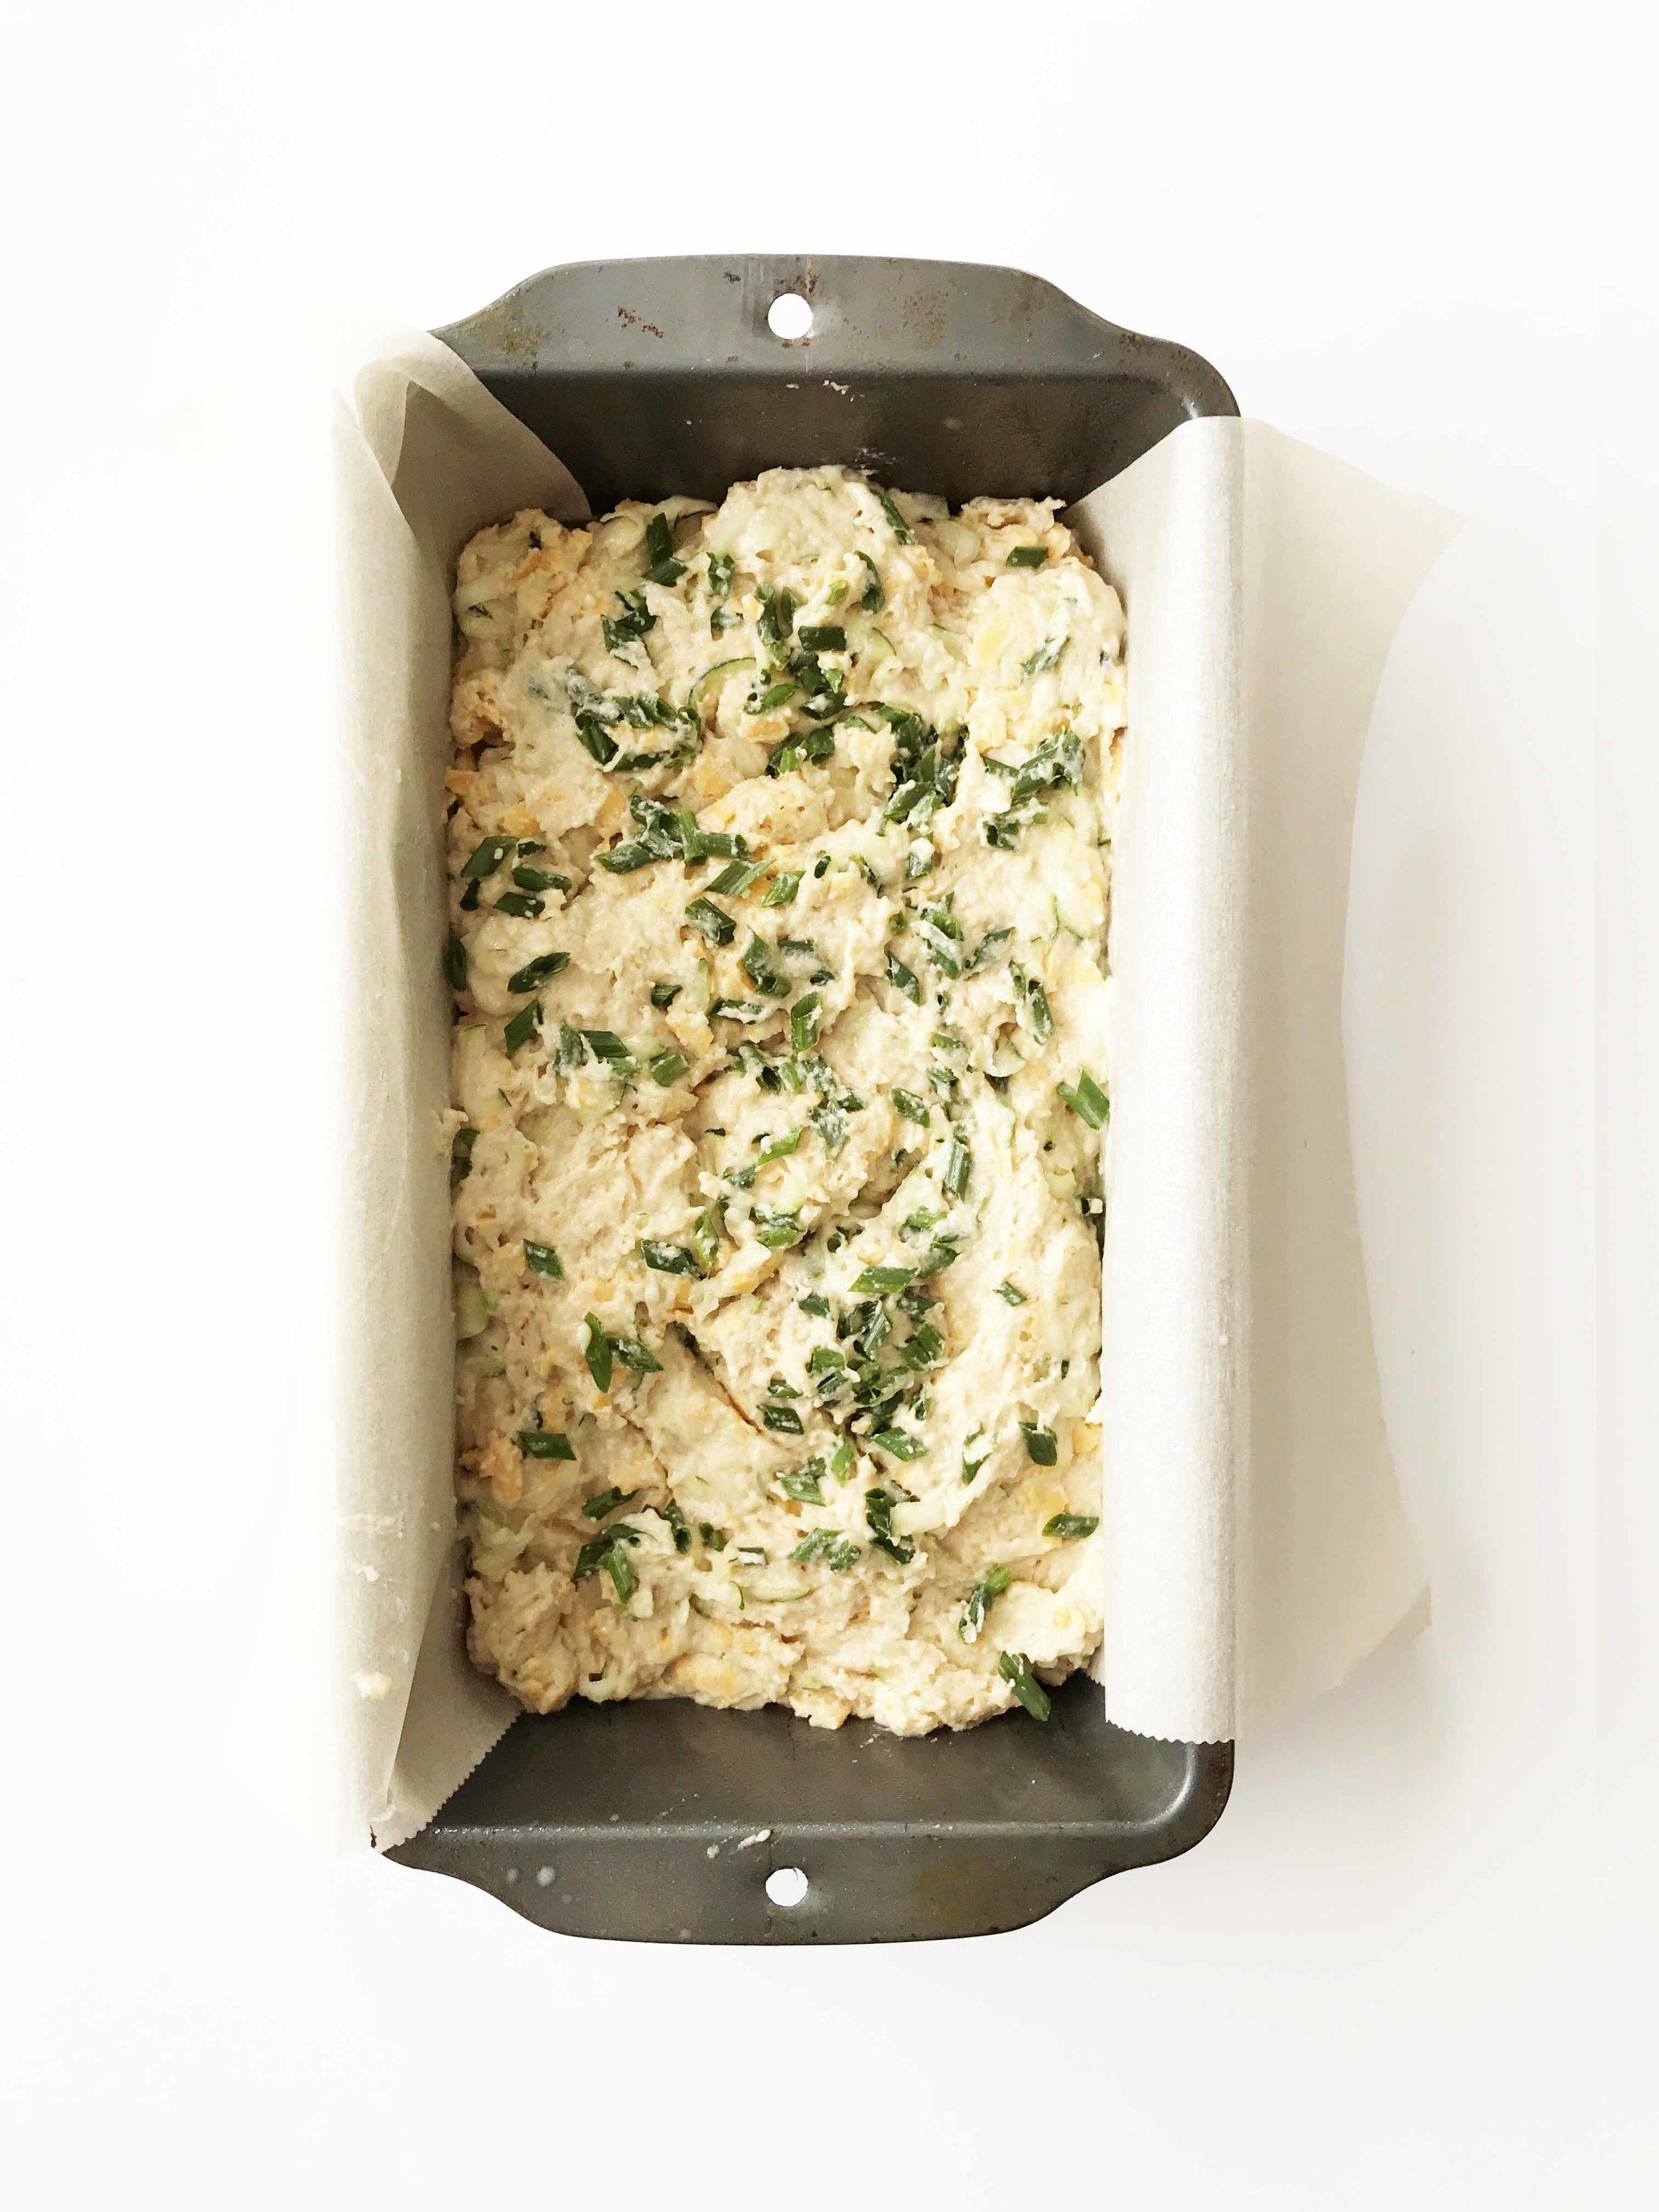 cheddar-chive-zuch-bread7.jpg